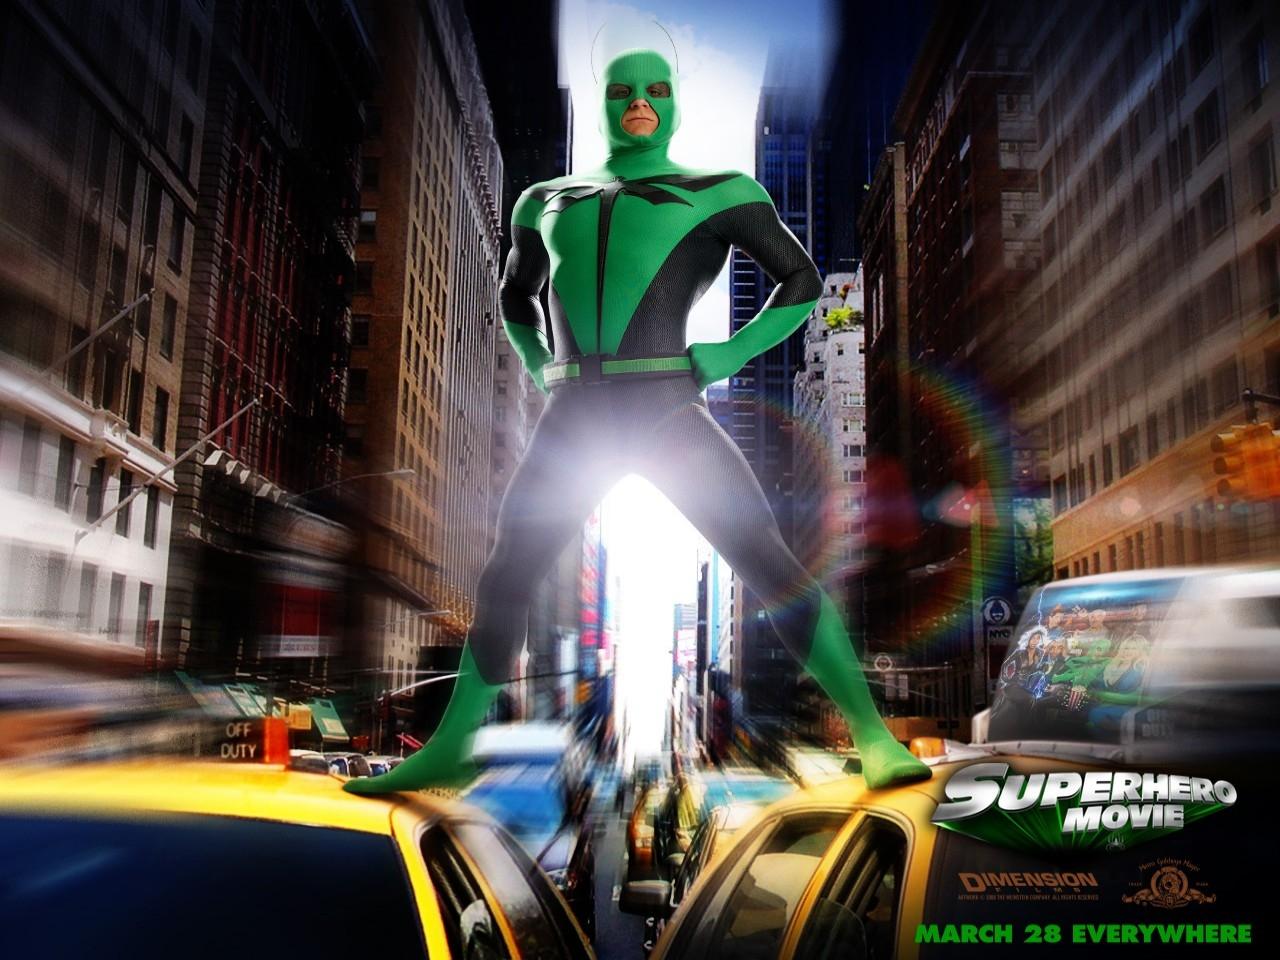 Wallpaper del film Superhero - Il più dotato fra i supereroi con Drake Bell